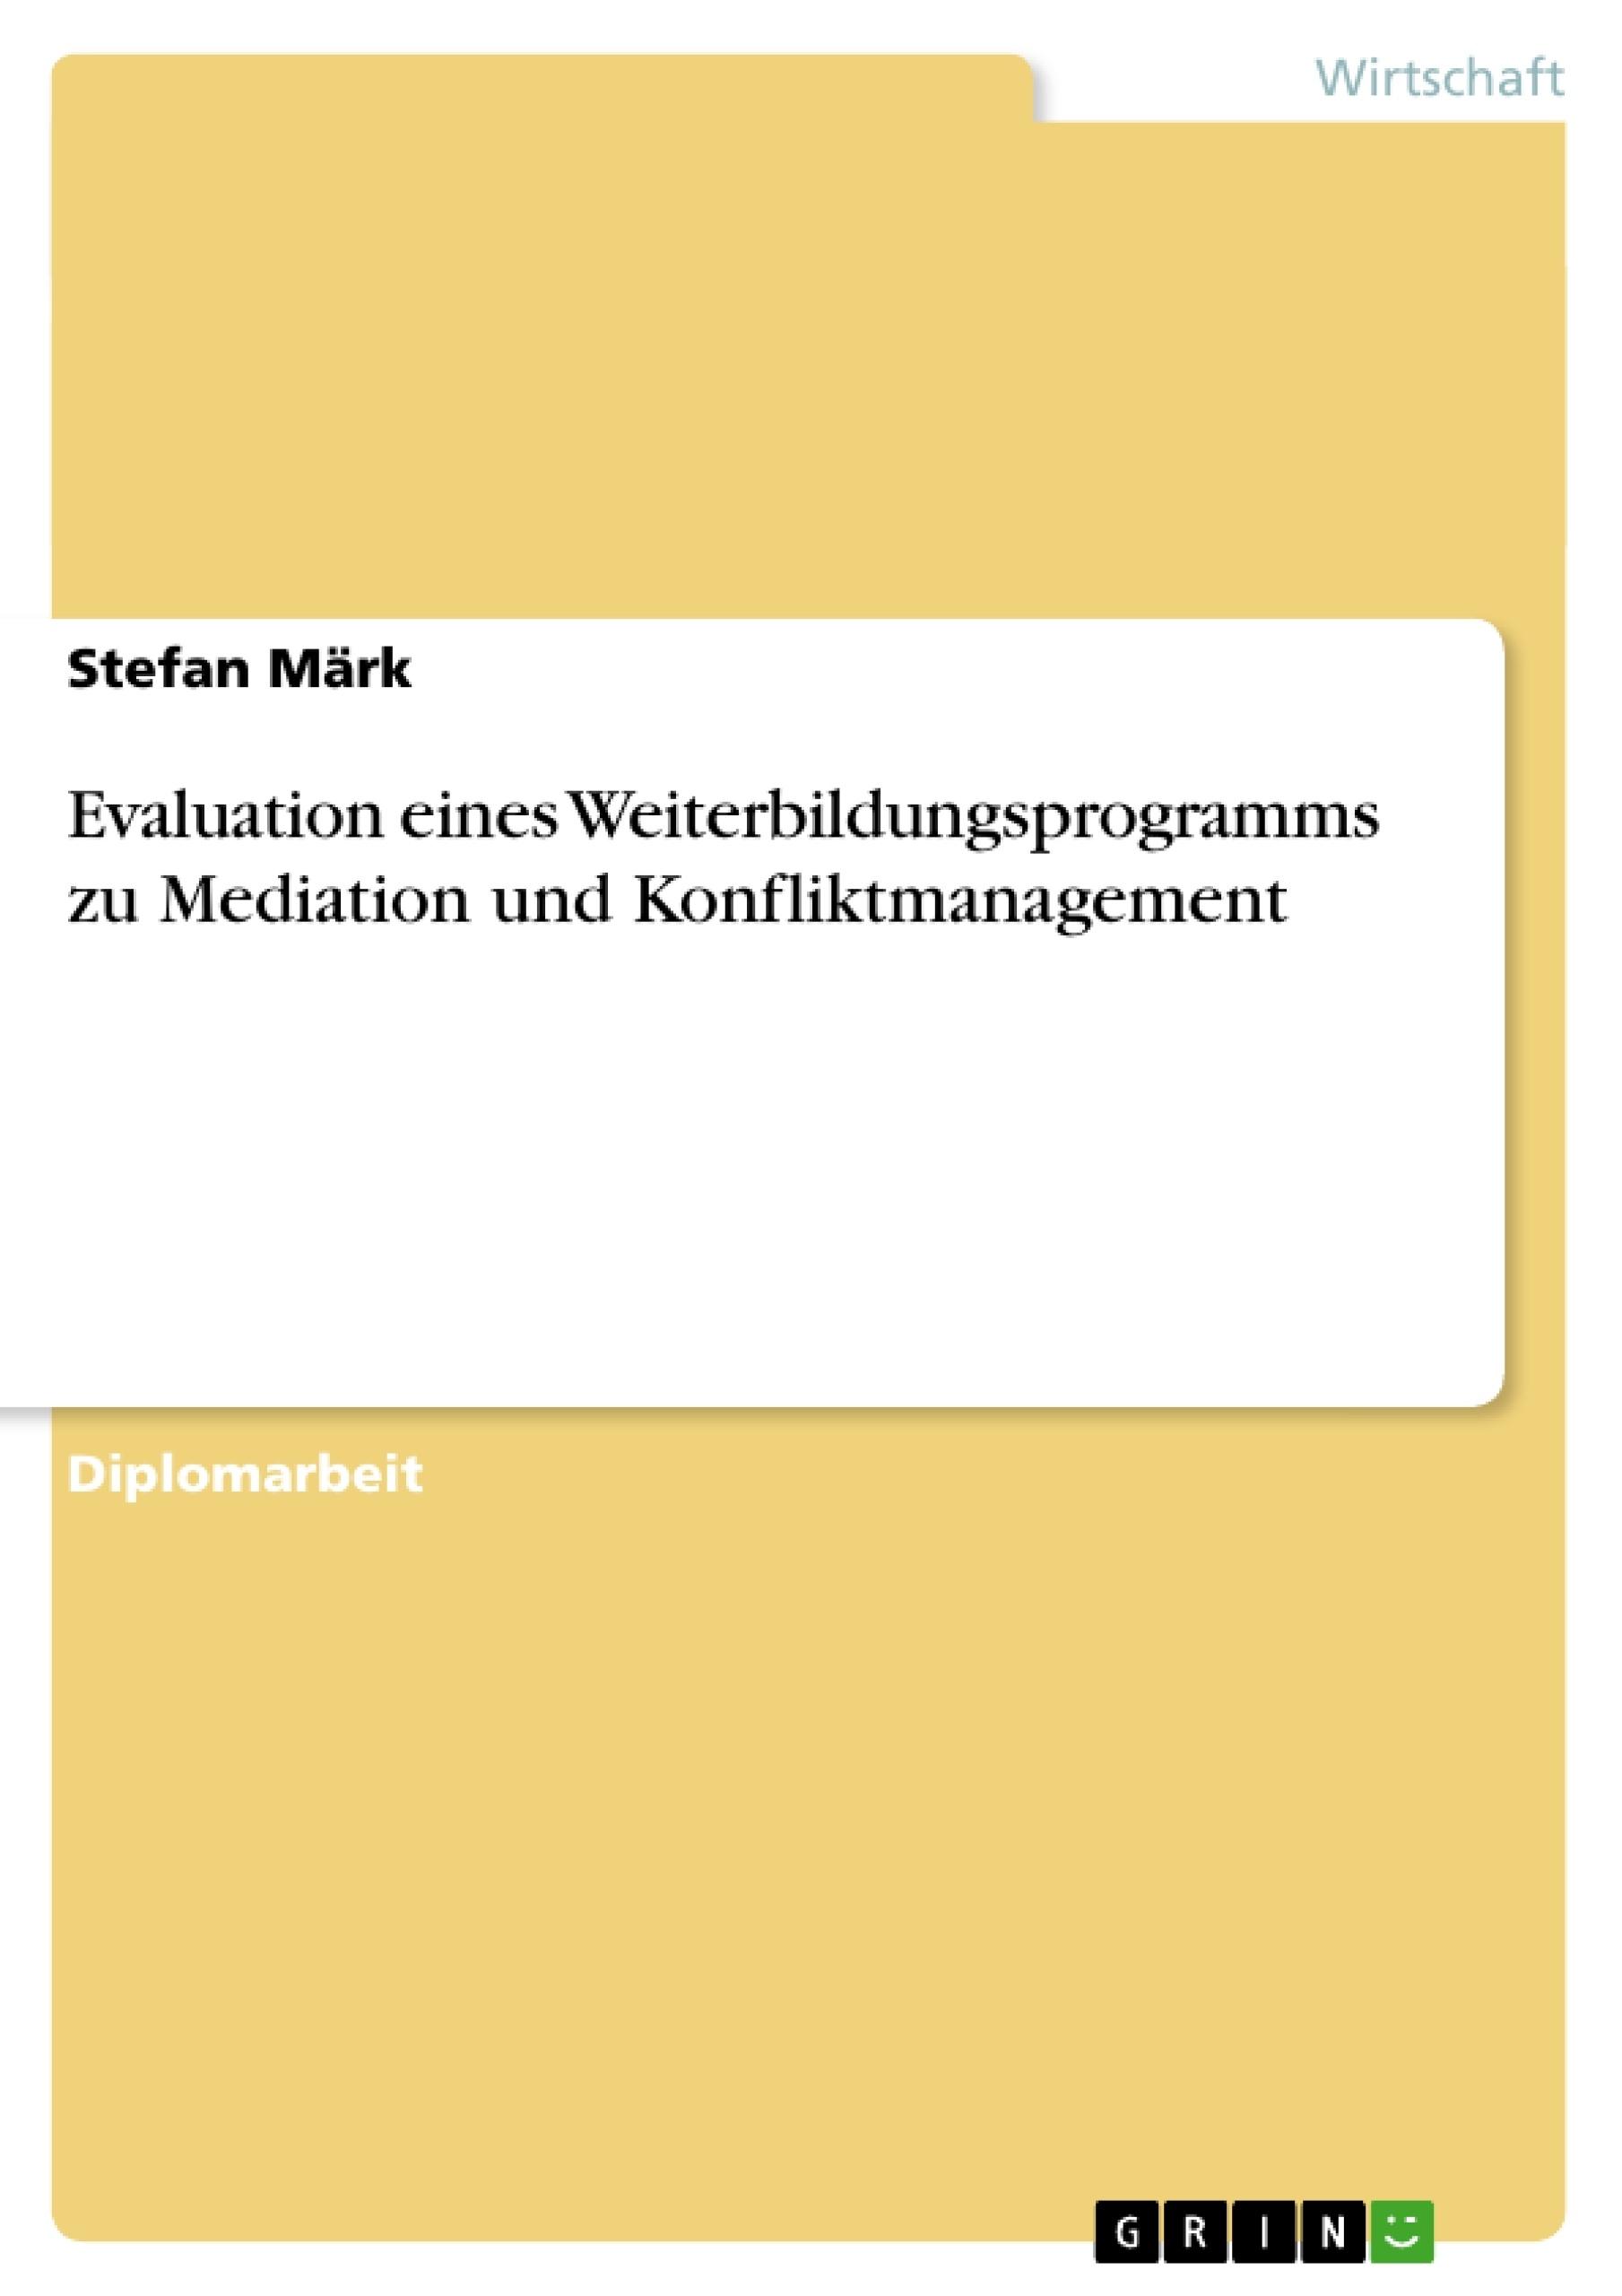 Titel: Evaluation eines Weiterbildungsprogramms zu Mediation und Konfliktmanagement